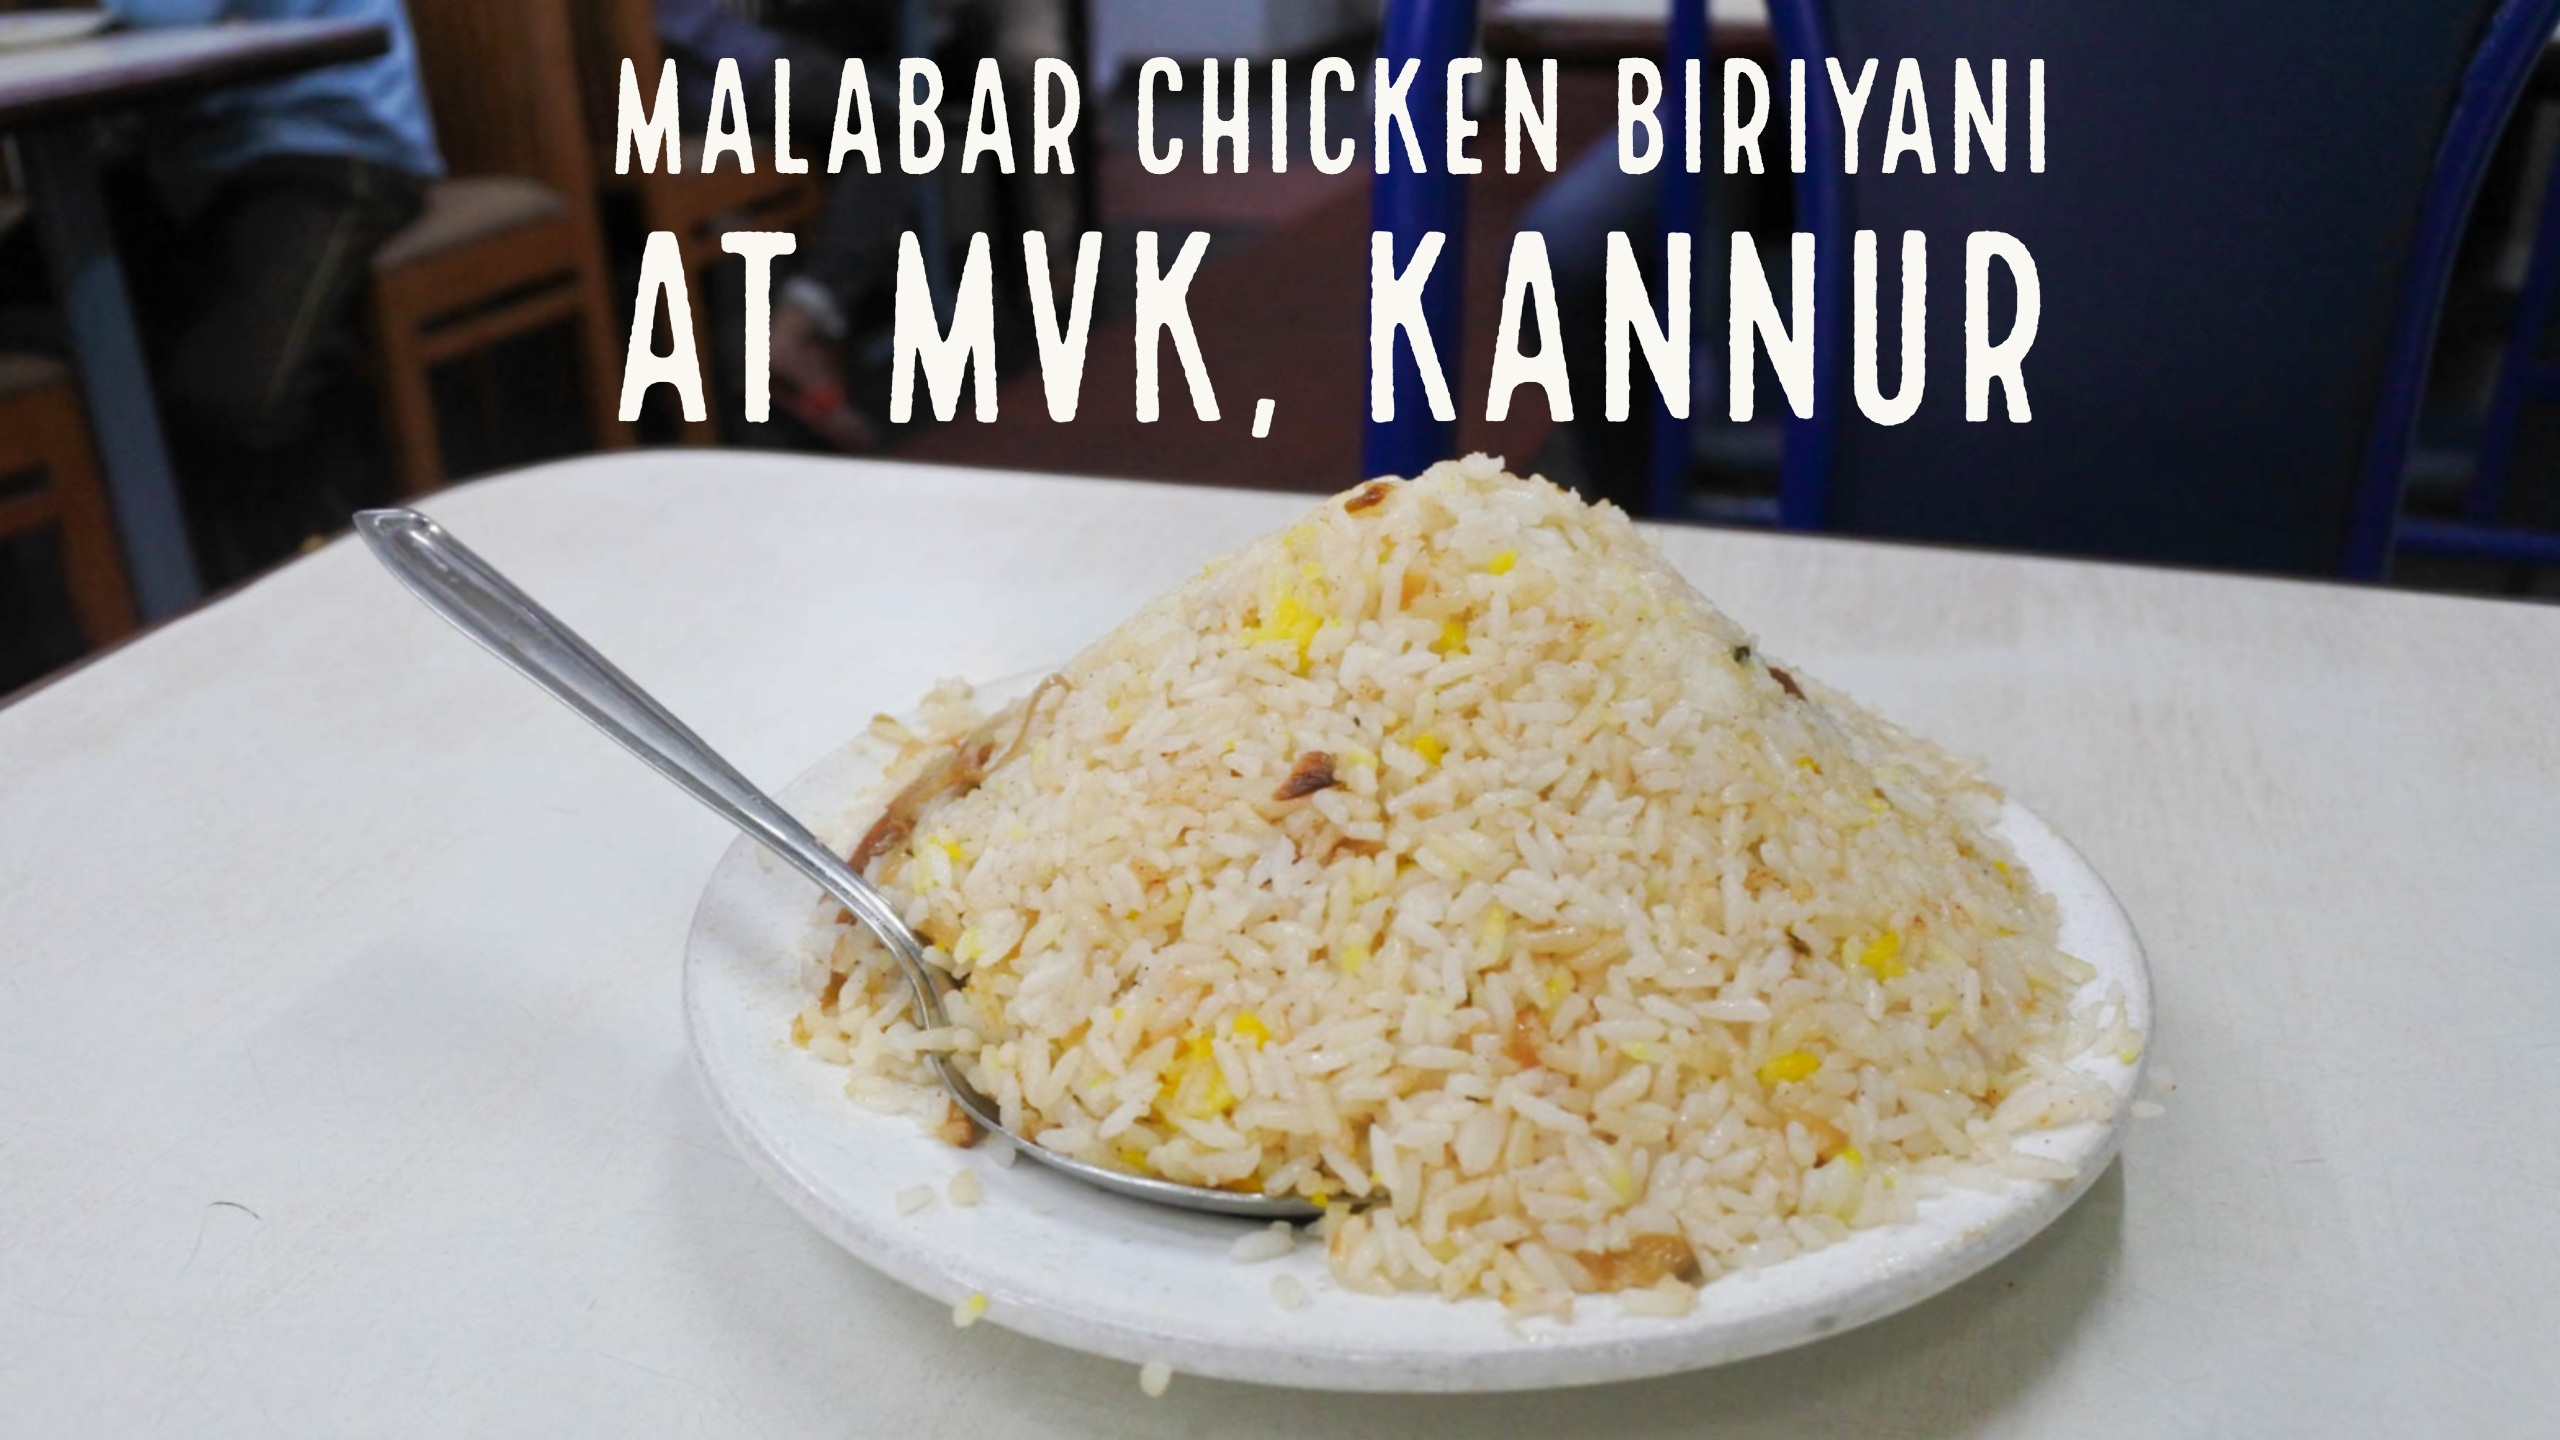 ケララ北部カヌールMVKのチキンビリヤニ